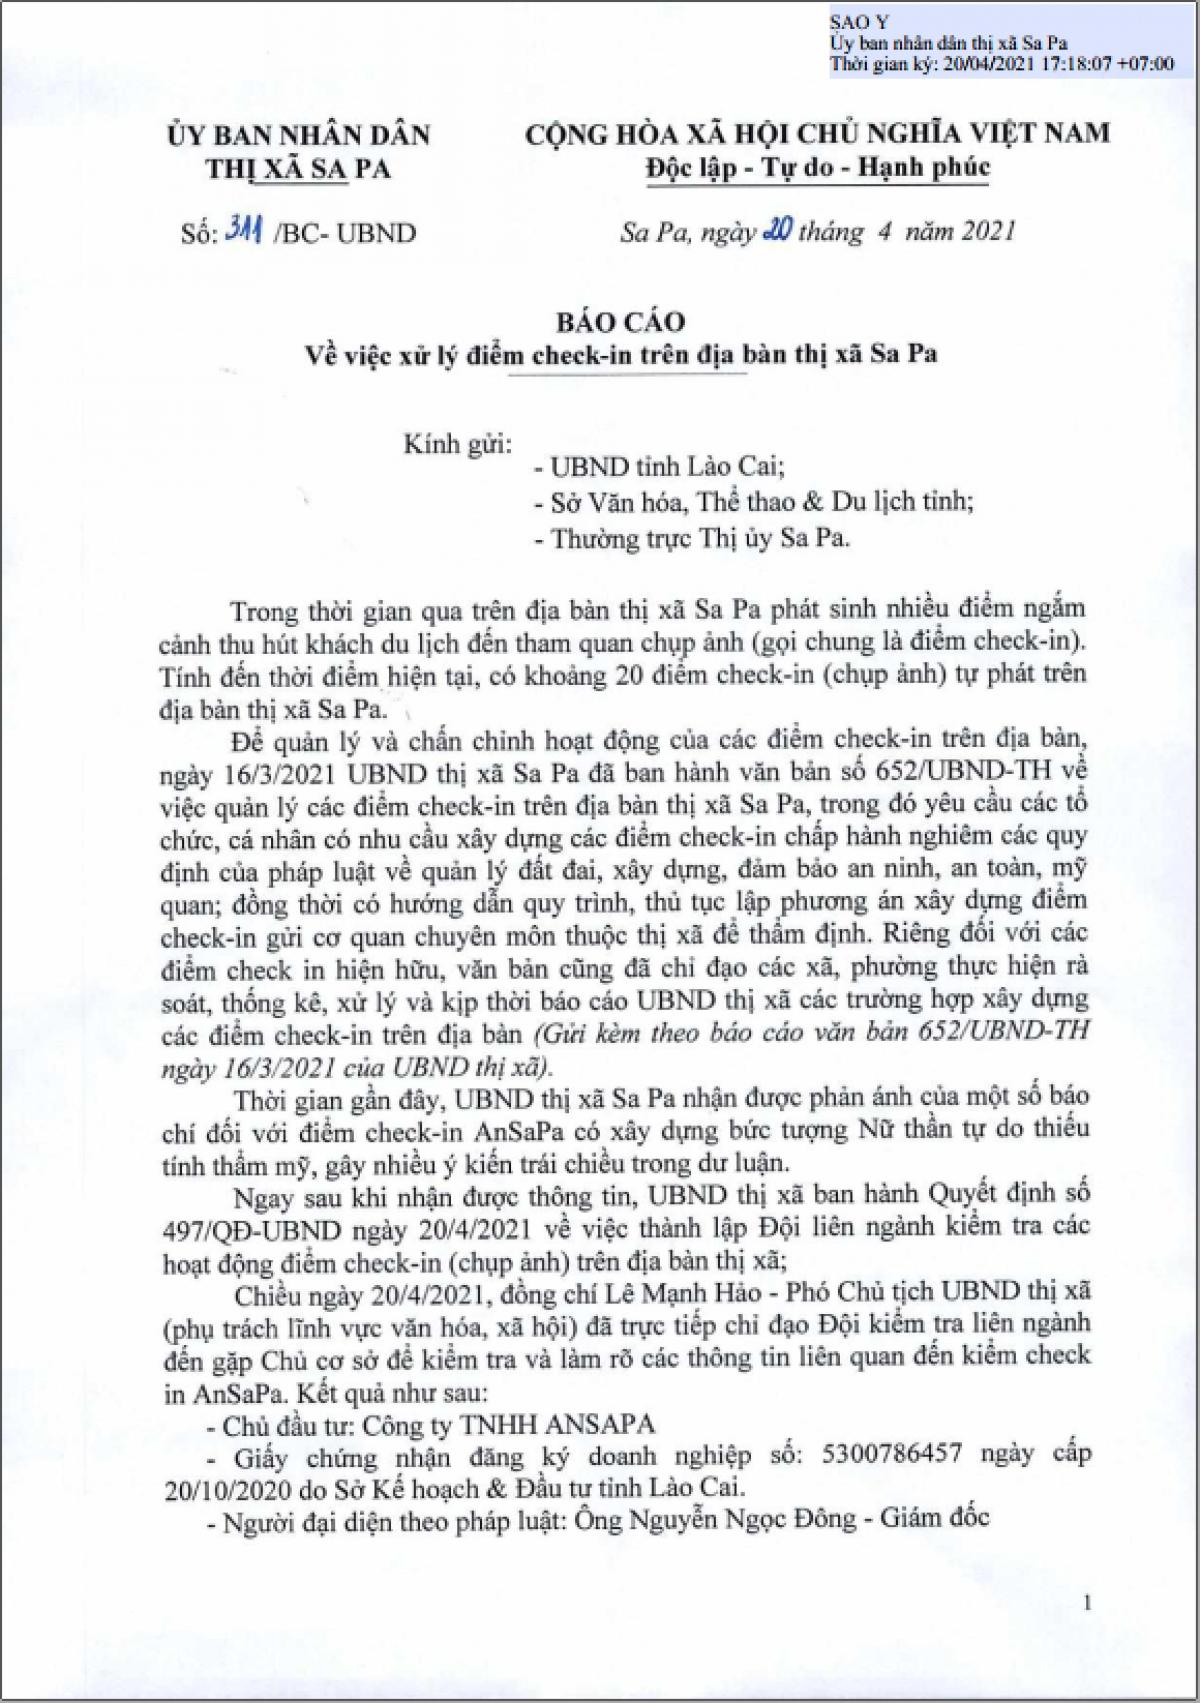 Văn bản của UBND thị xã Sa Pa